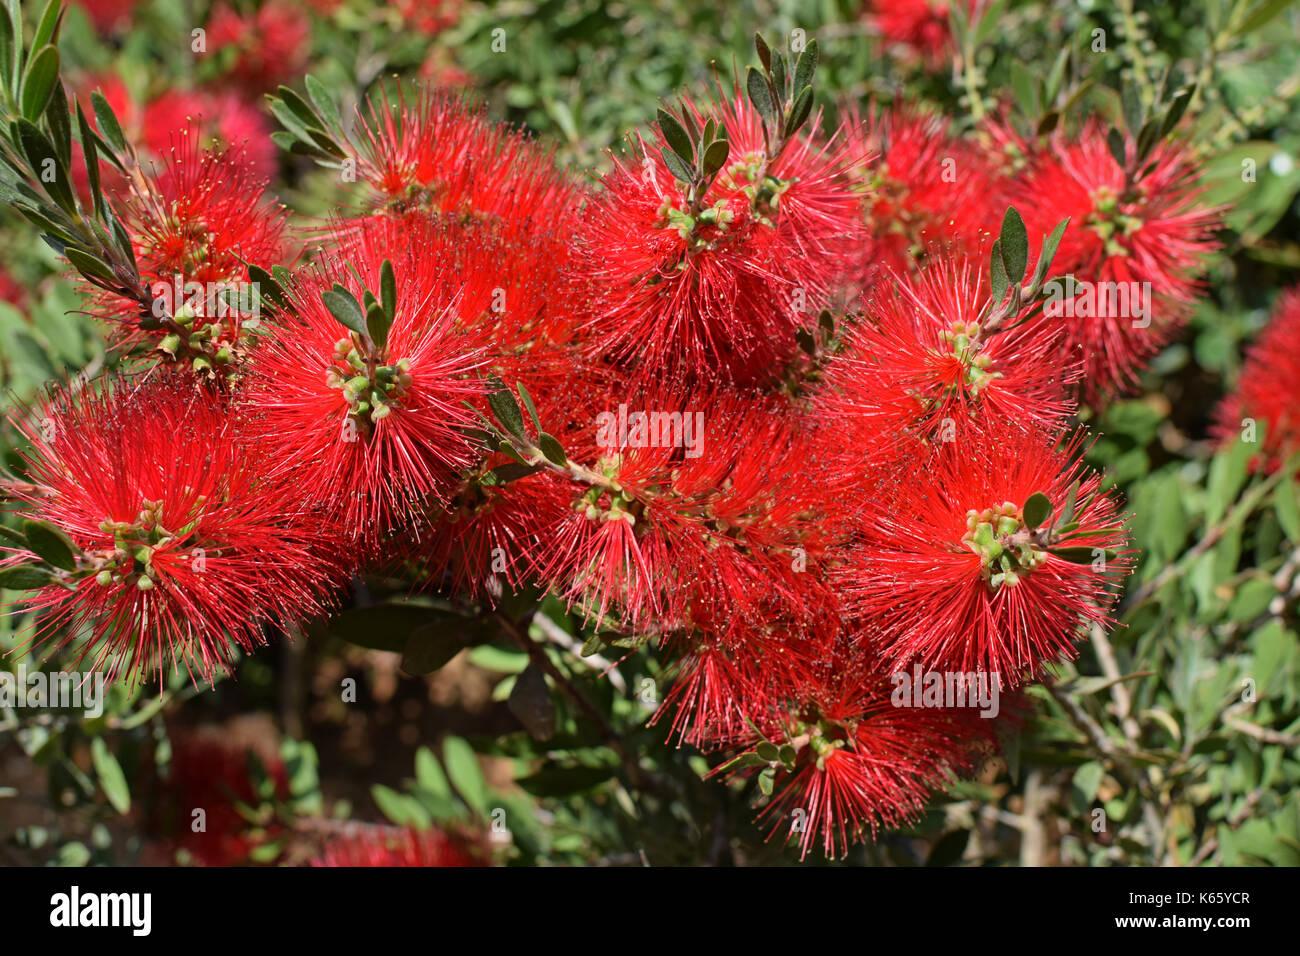 Scovolino da bottiglia callistemon pianta con fiori di colore rosso. natura dello sfondo. Foto Stock